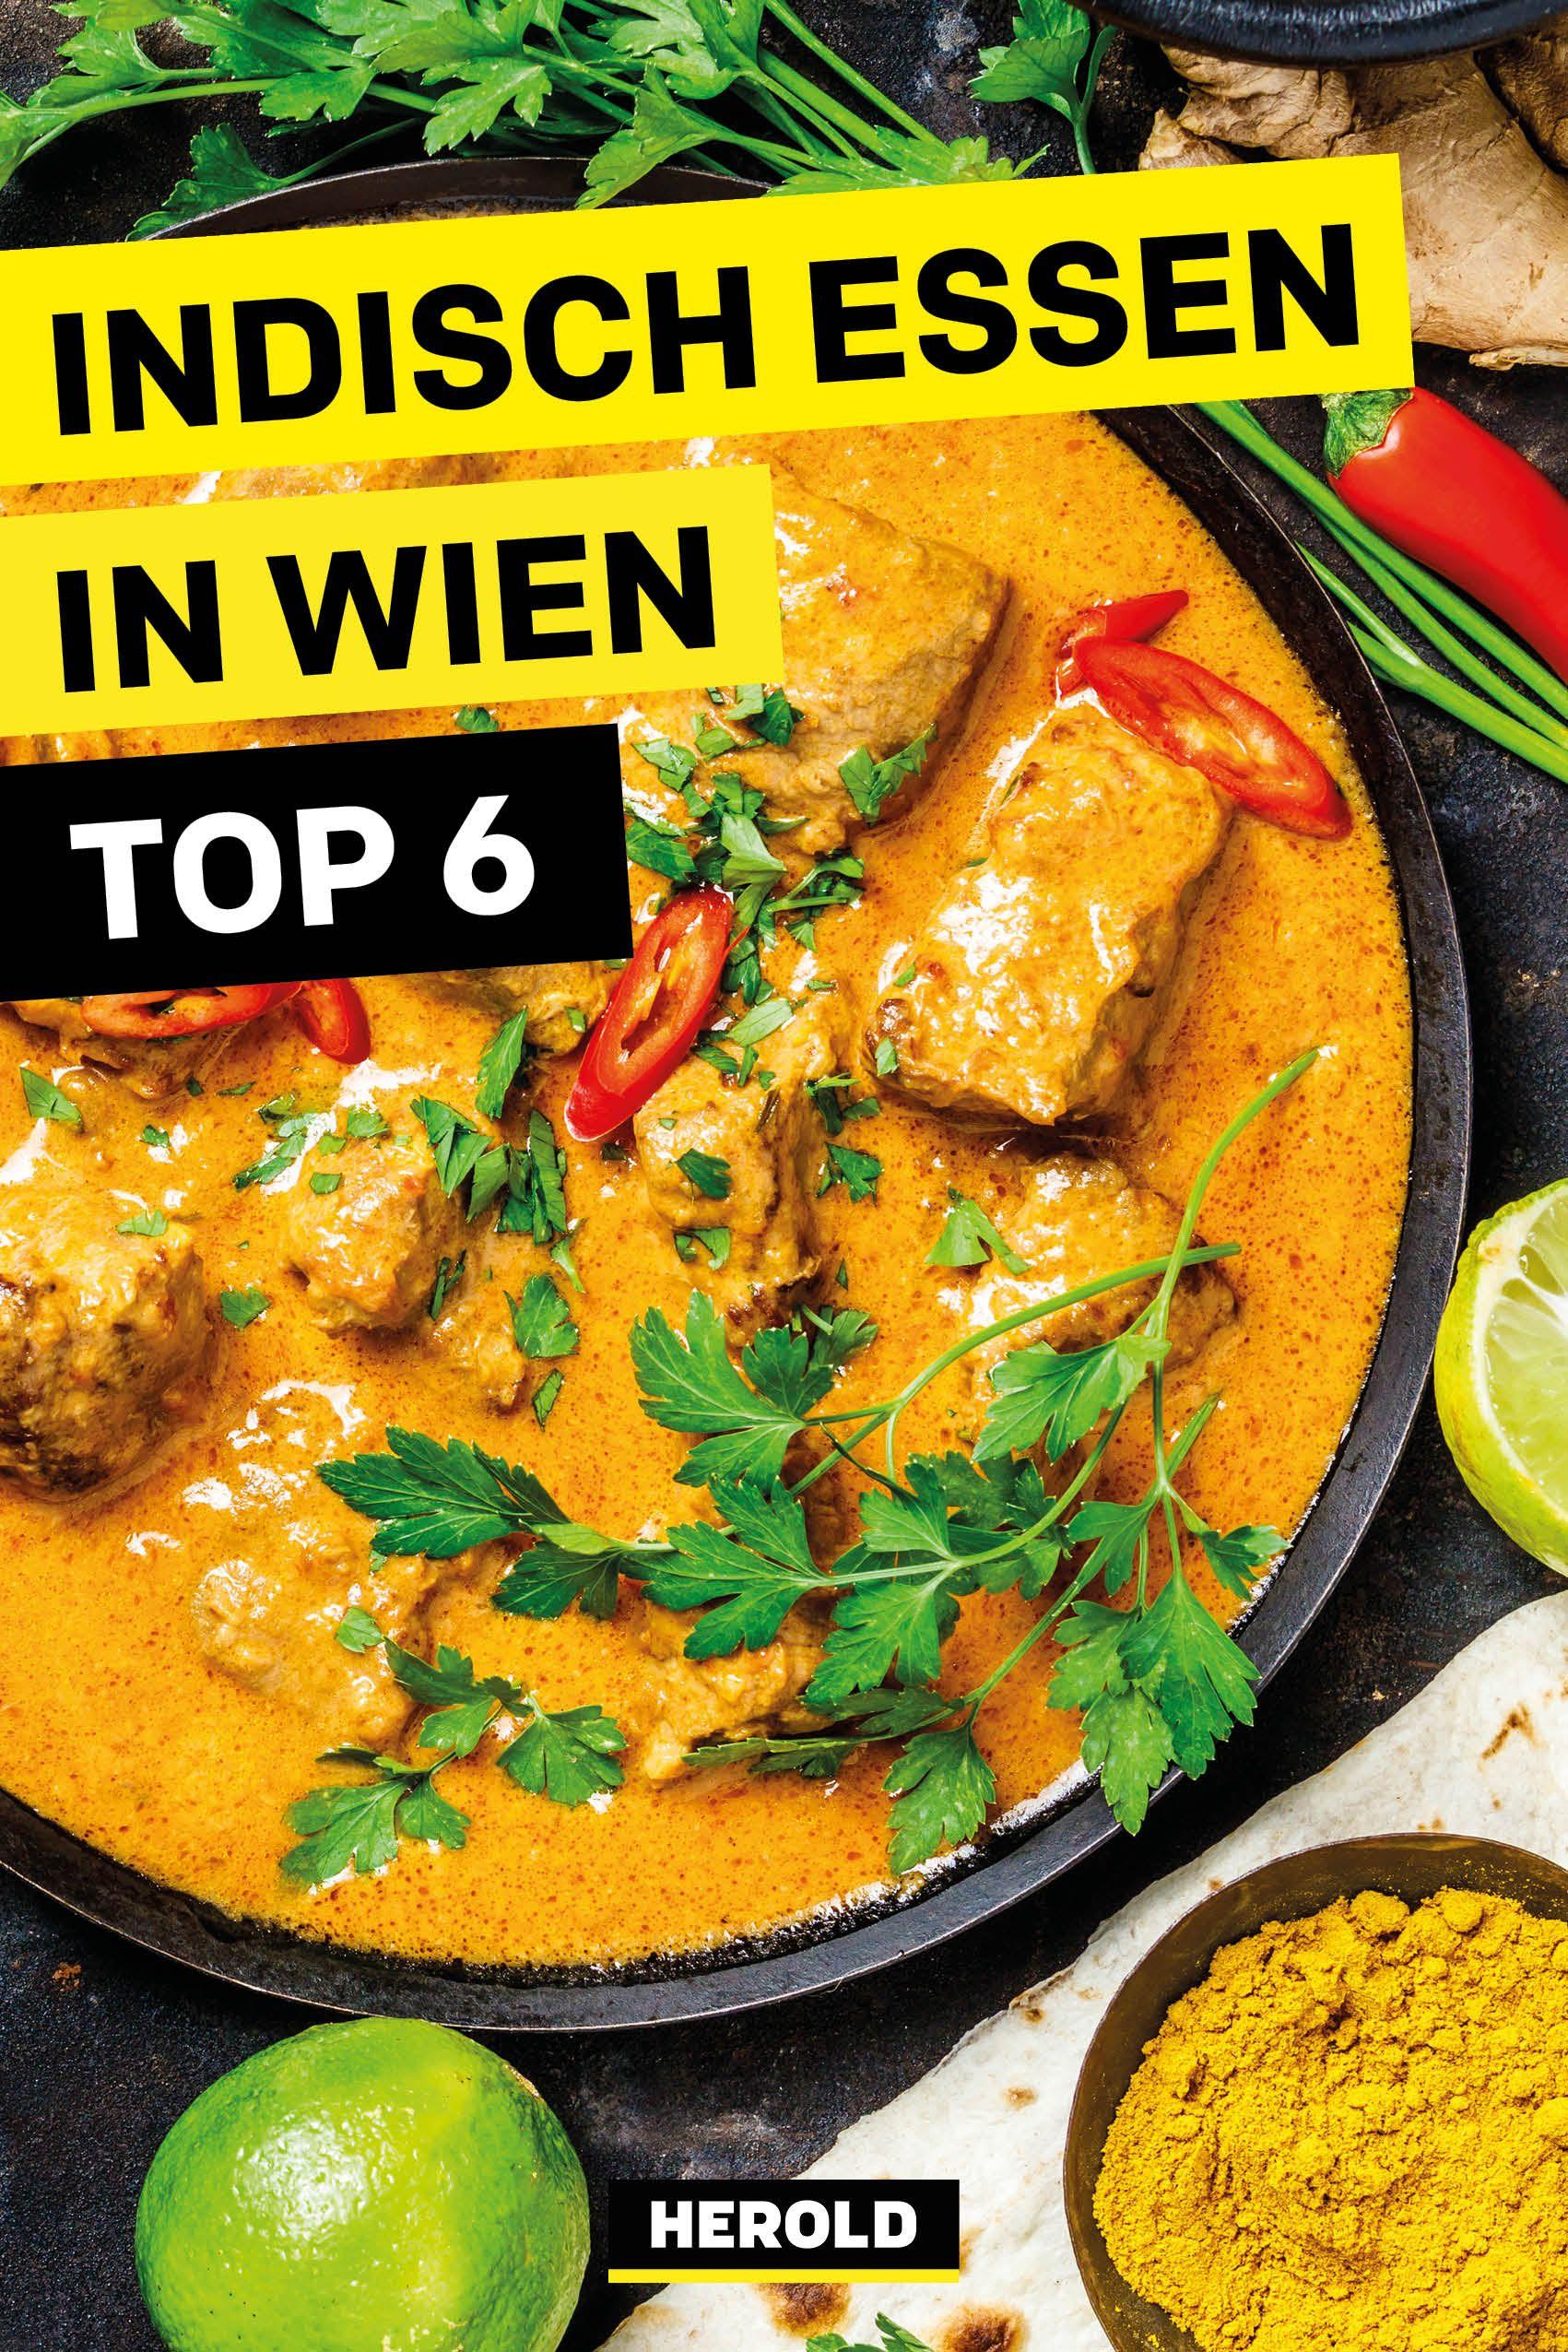 Top 6 Indische Restaurants In Wien Von Klassisch Bis Hip In 2020 Essen In Wien Wien Essen Restaurant Wien